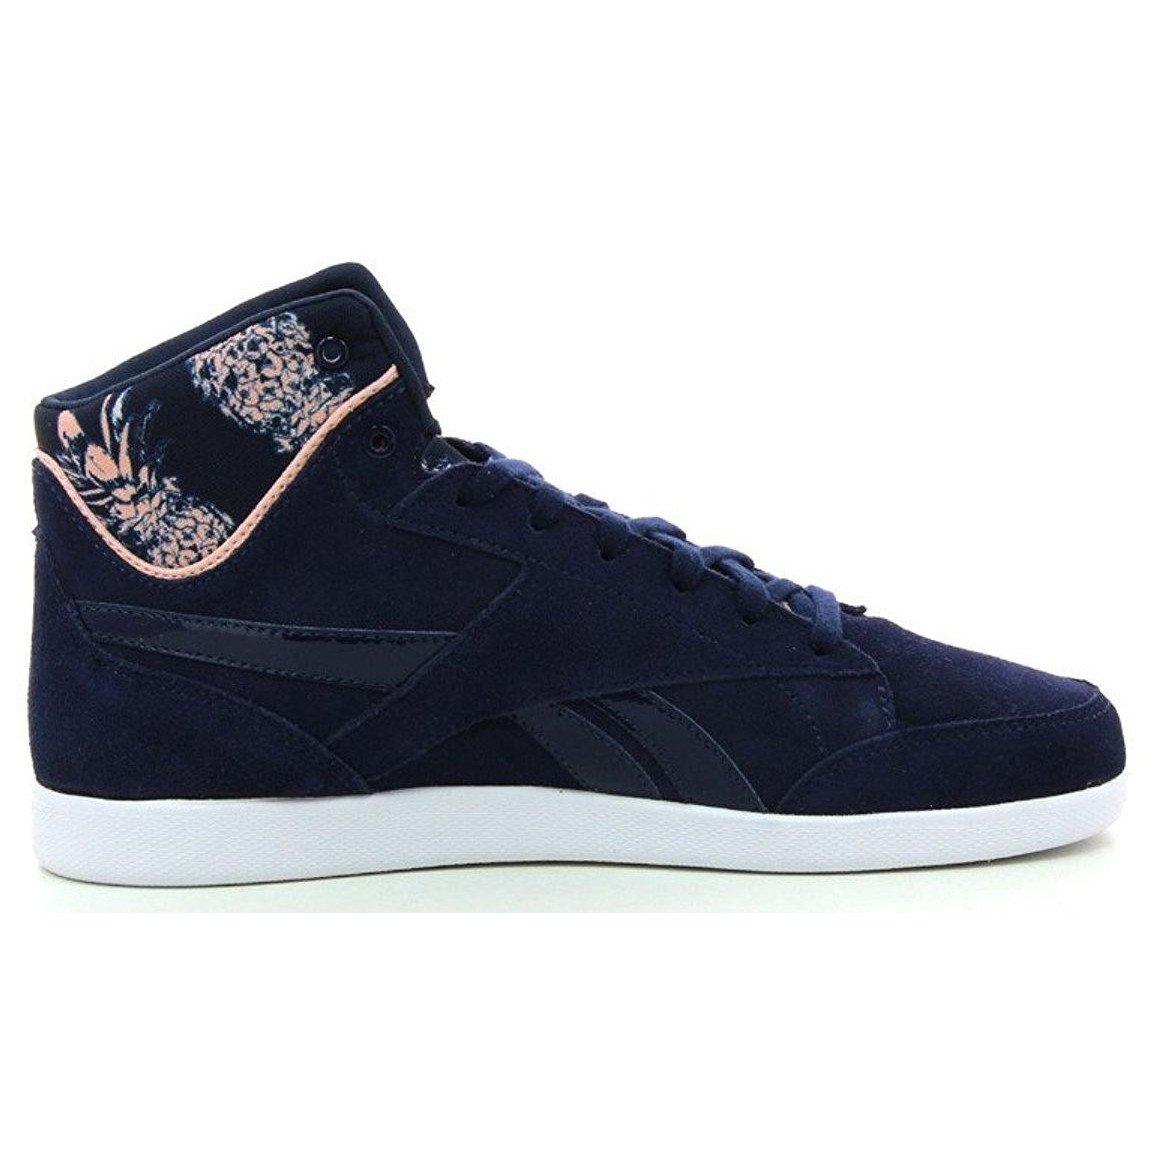 REEBOK FABULISTA MID II Damen Sportschuhe Turnschuhe Sneaker M49004